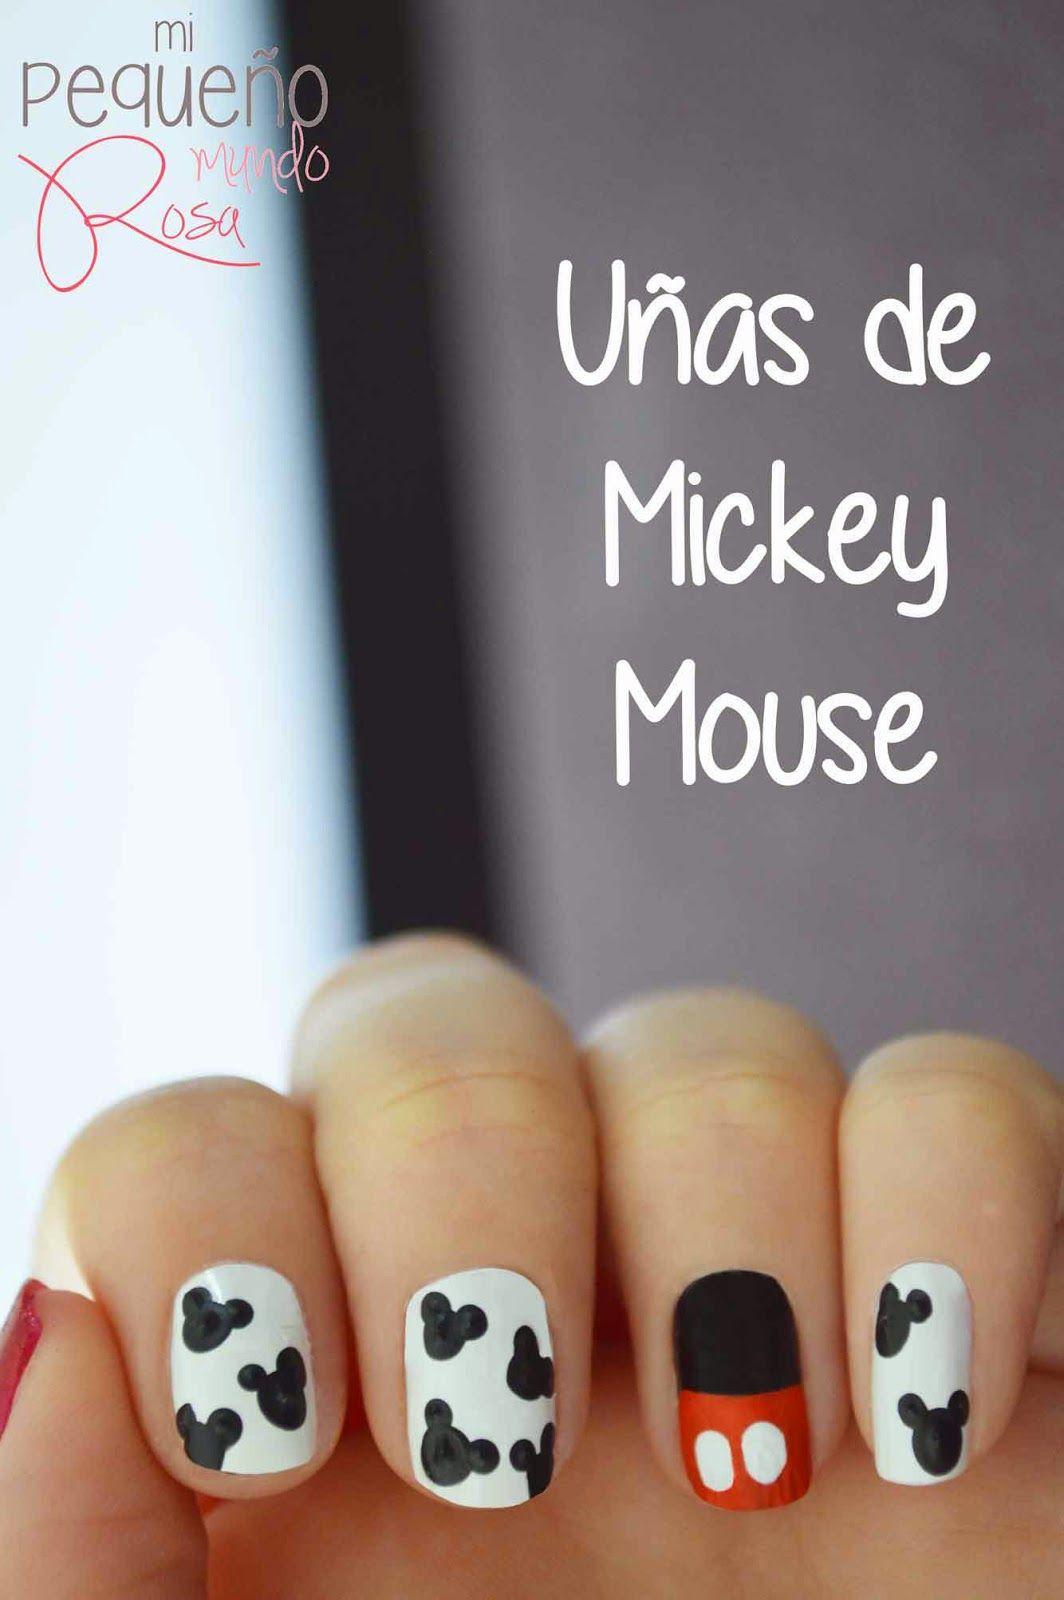 Mi pequeño mundo rosa ♥: Diseño de uñas de Mickey Mouse ♥ | Nail ...